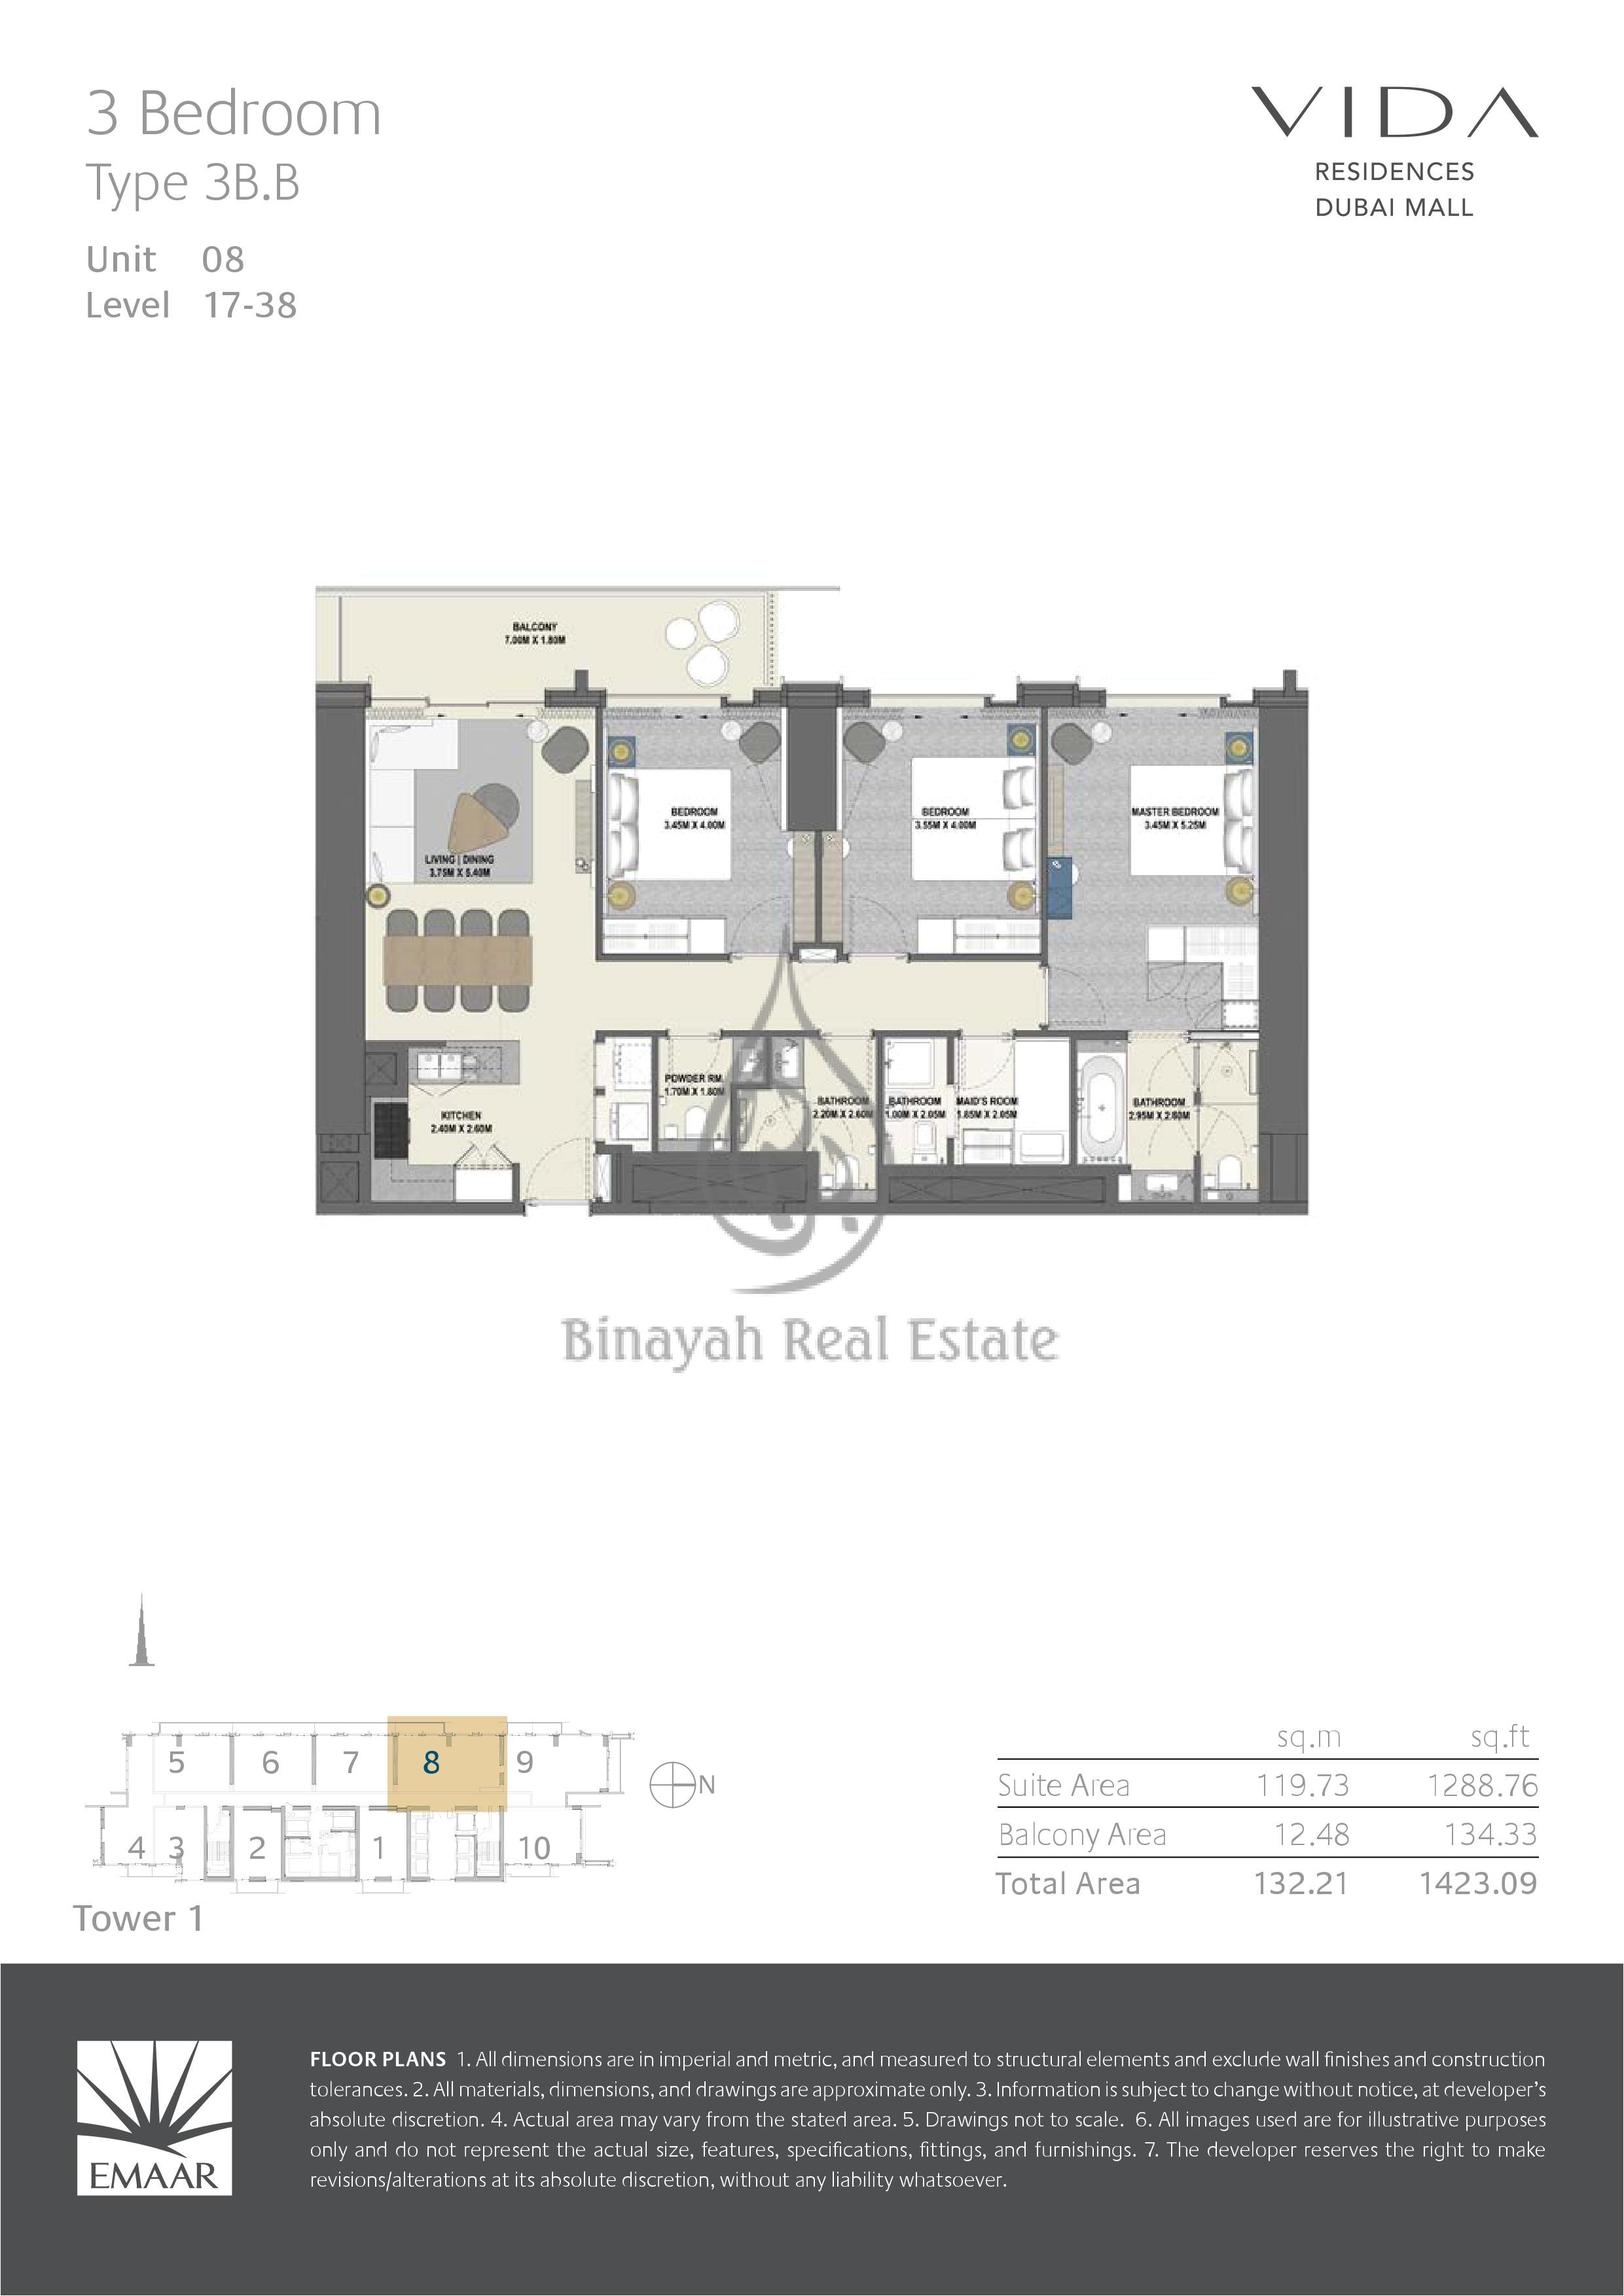 3 bedroom rv floor plan vida residences dubai mall 2 bed type 2b f floor plan